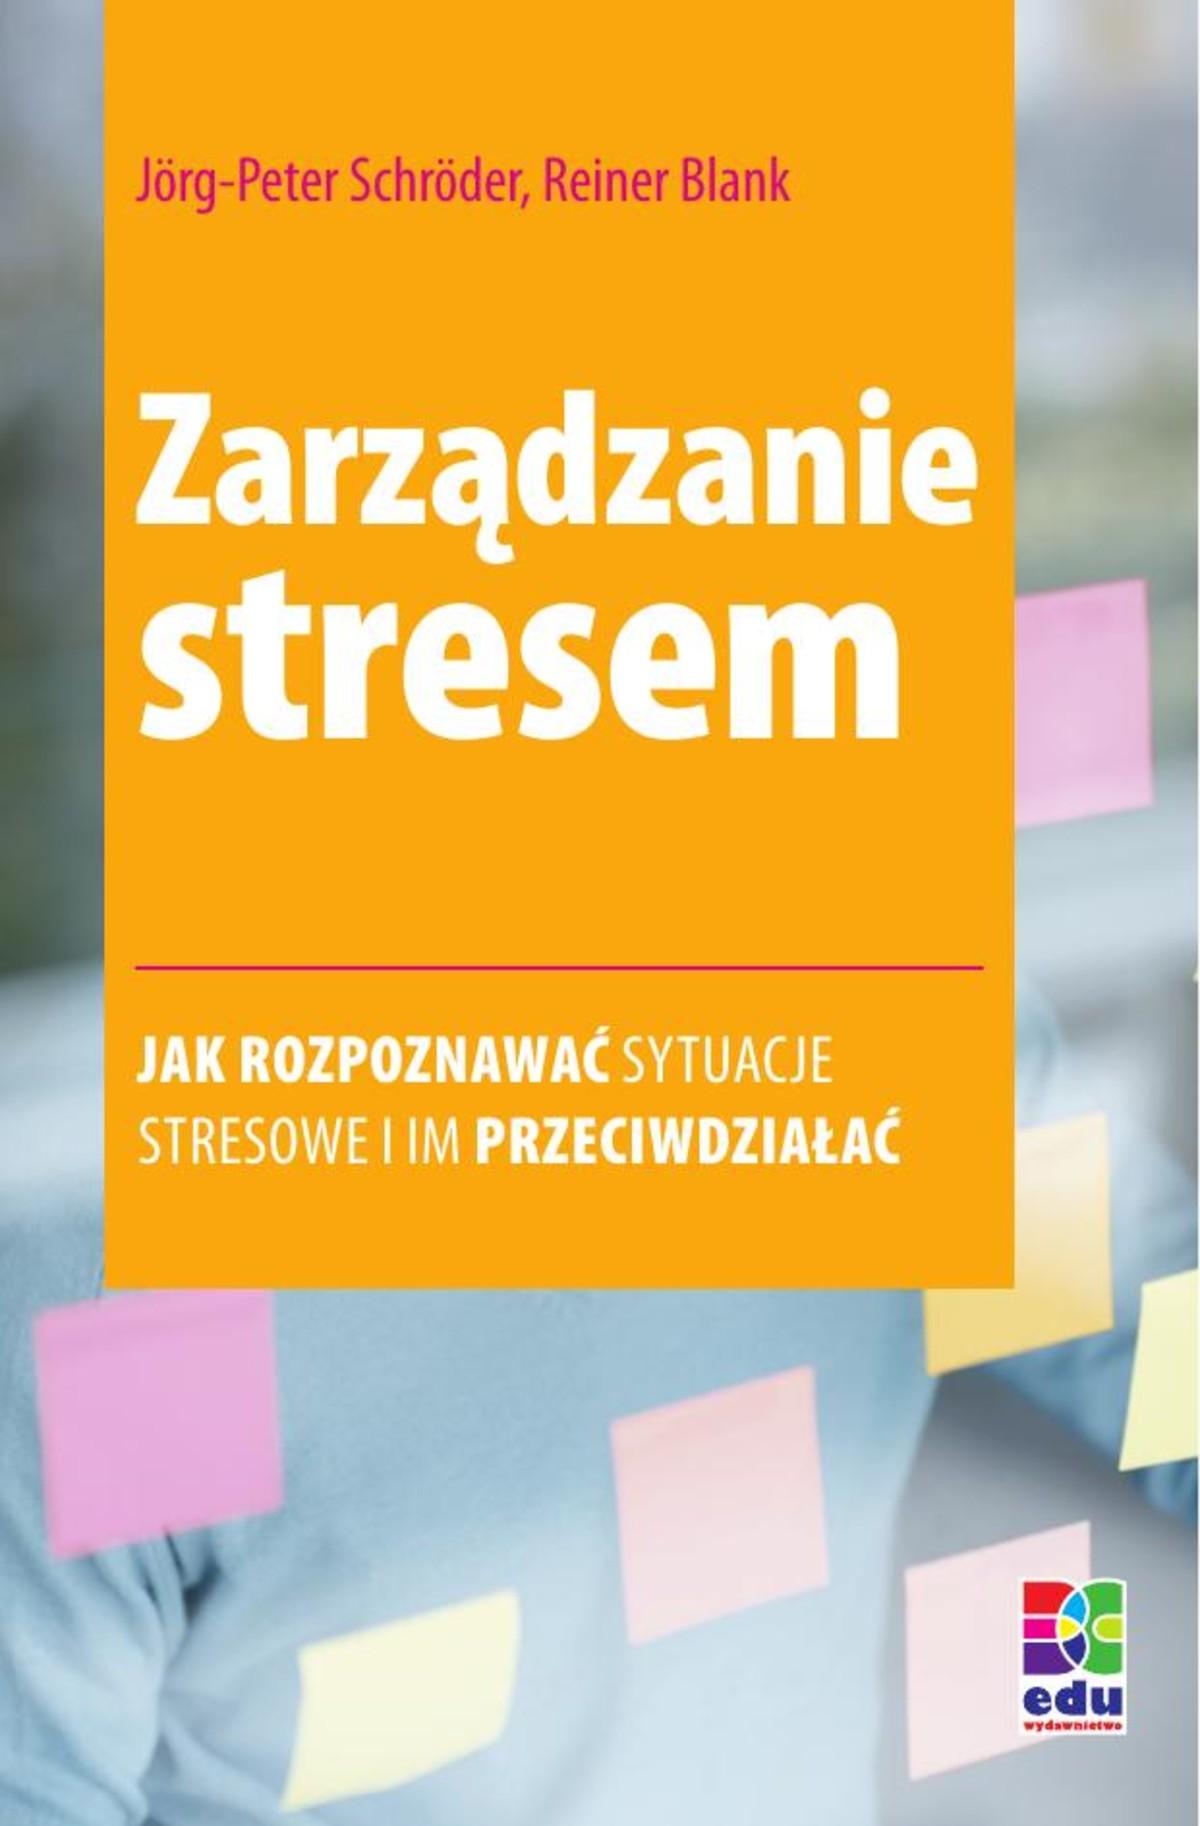 Zarządzanie stresem ebook